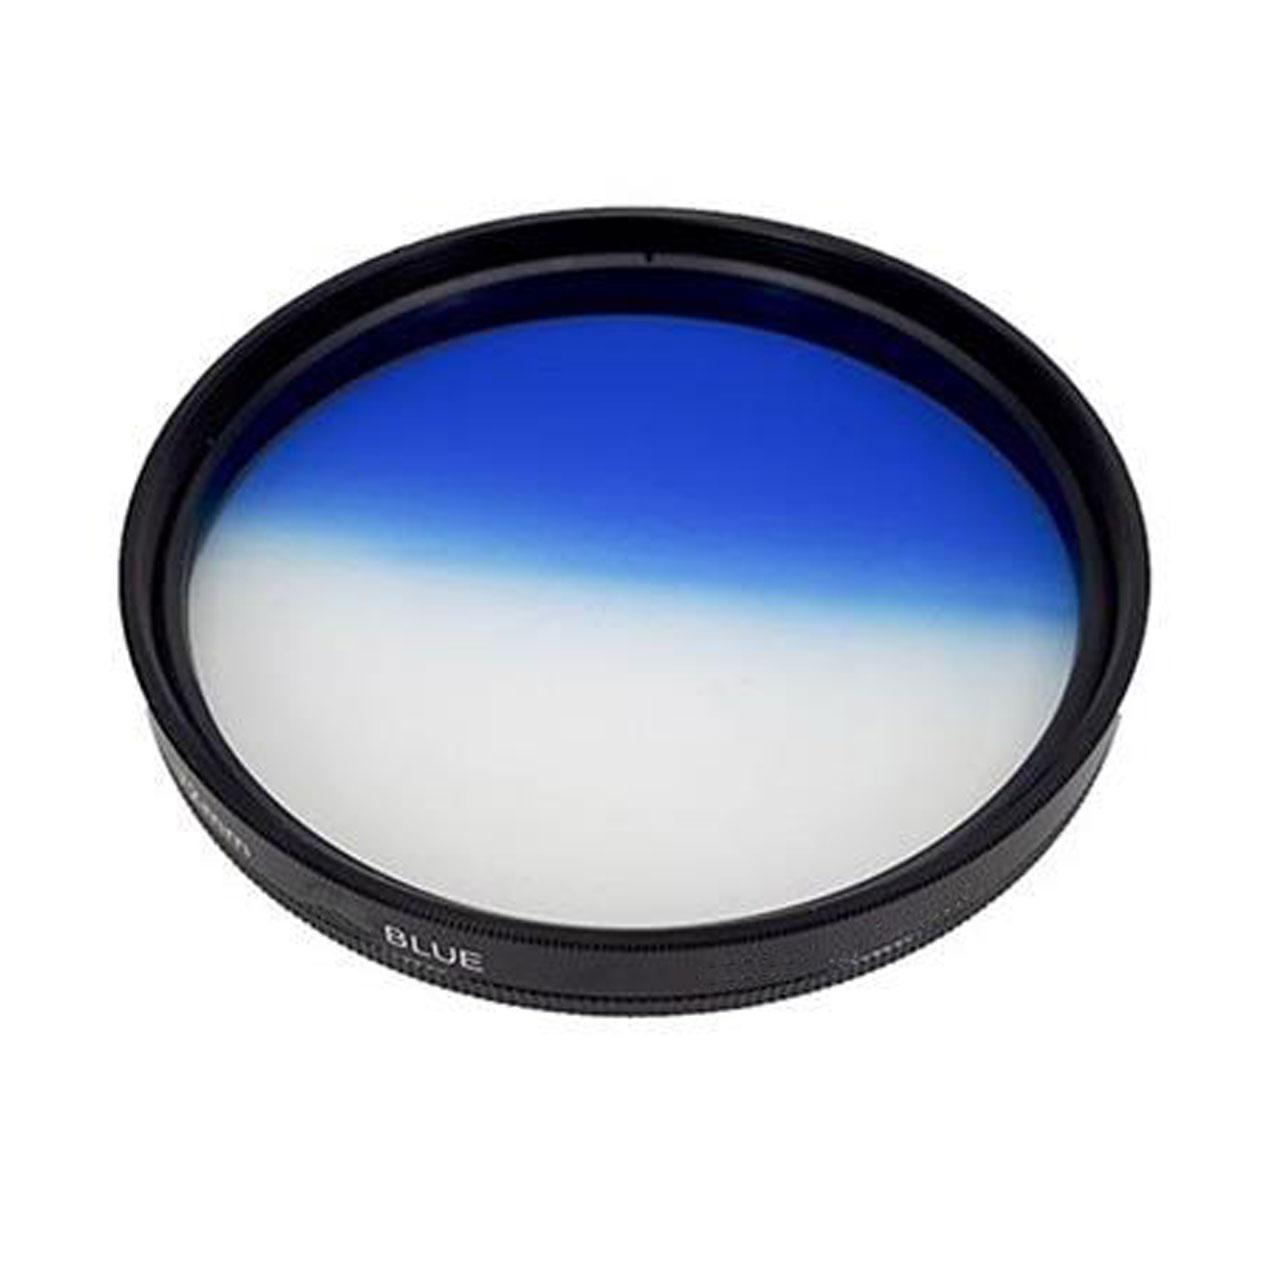 بررسی و {خرید با تخفیف} فیلتر لنز کی اند اف مدل HMC UV C SERIES 82mm اصل